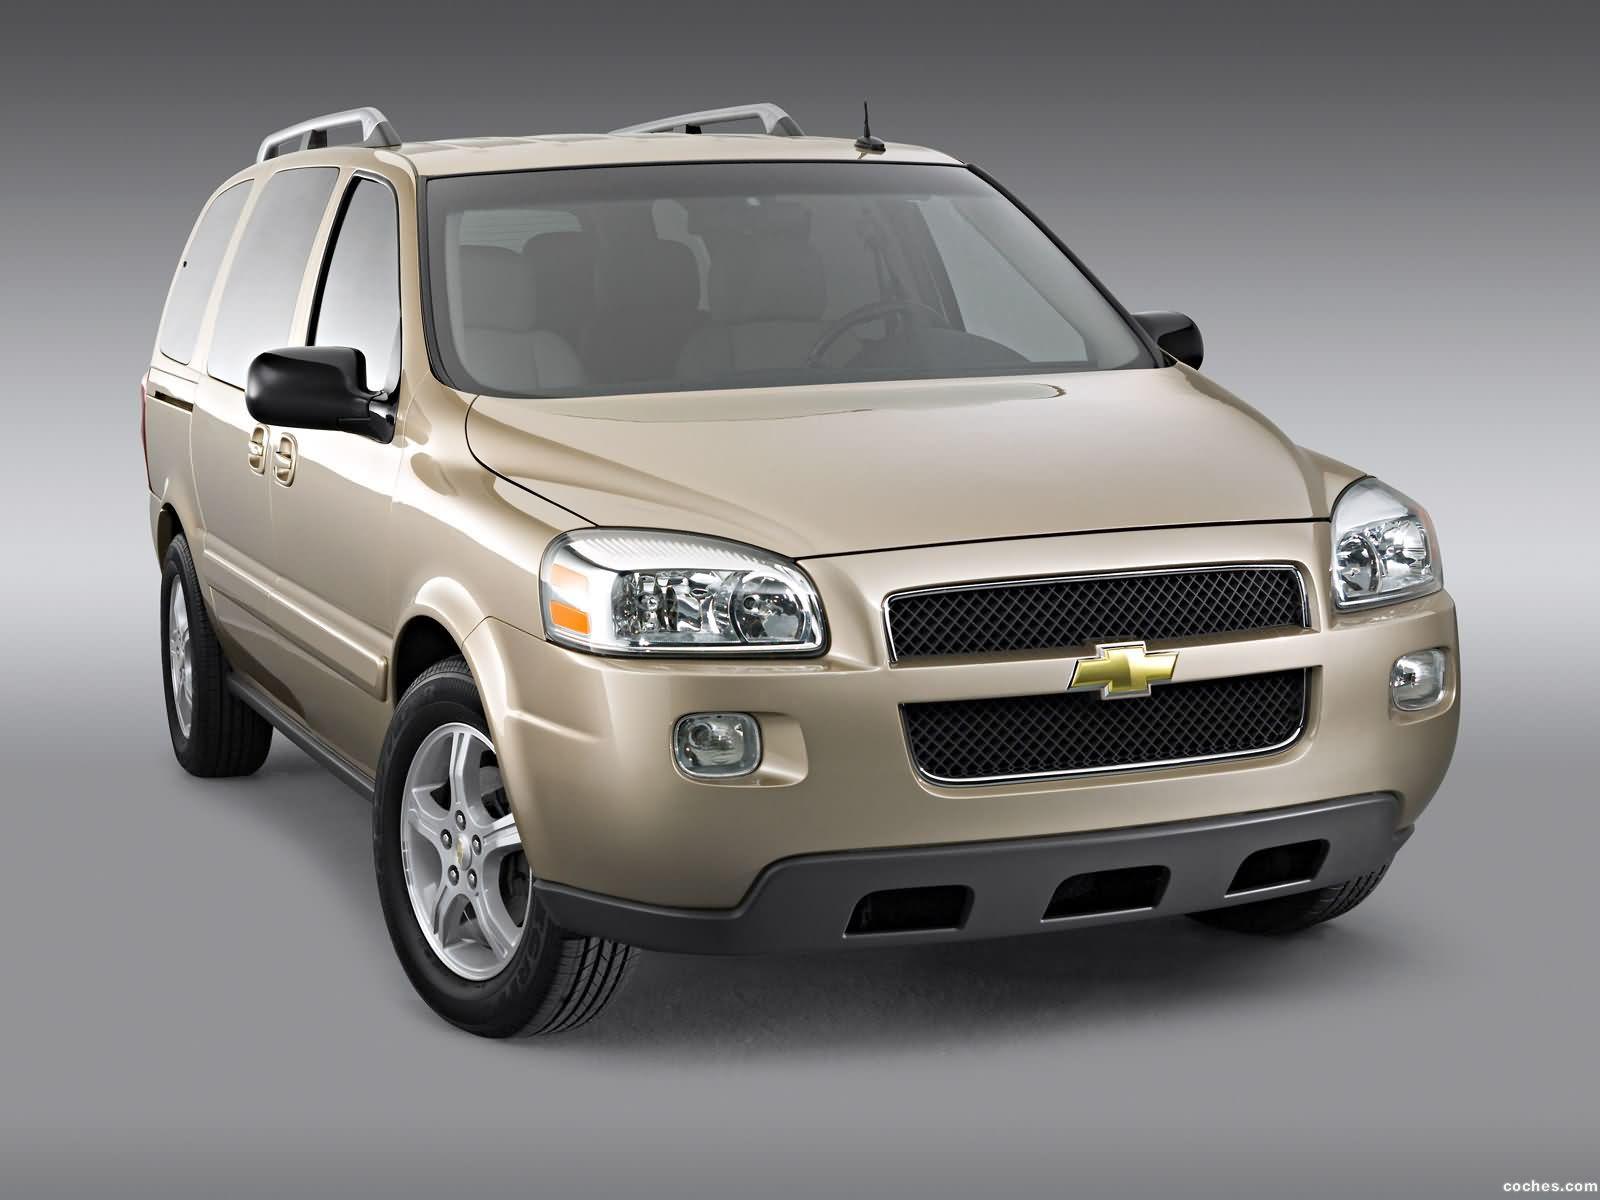 Foto 0 de Chevrolet Uplander 2005